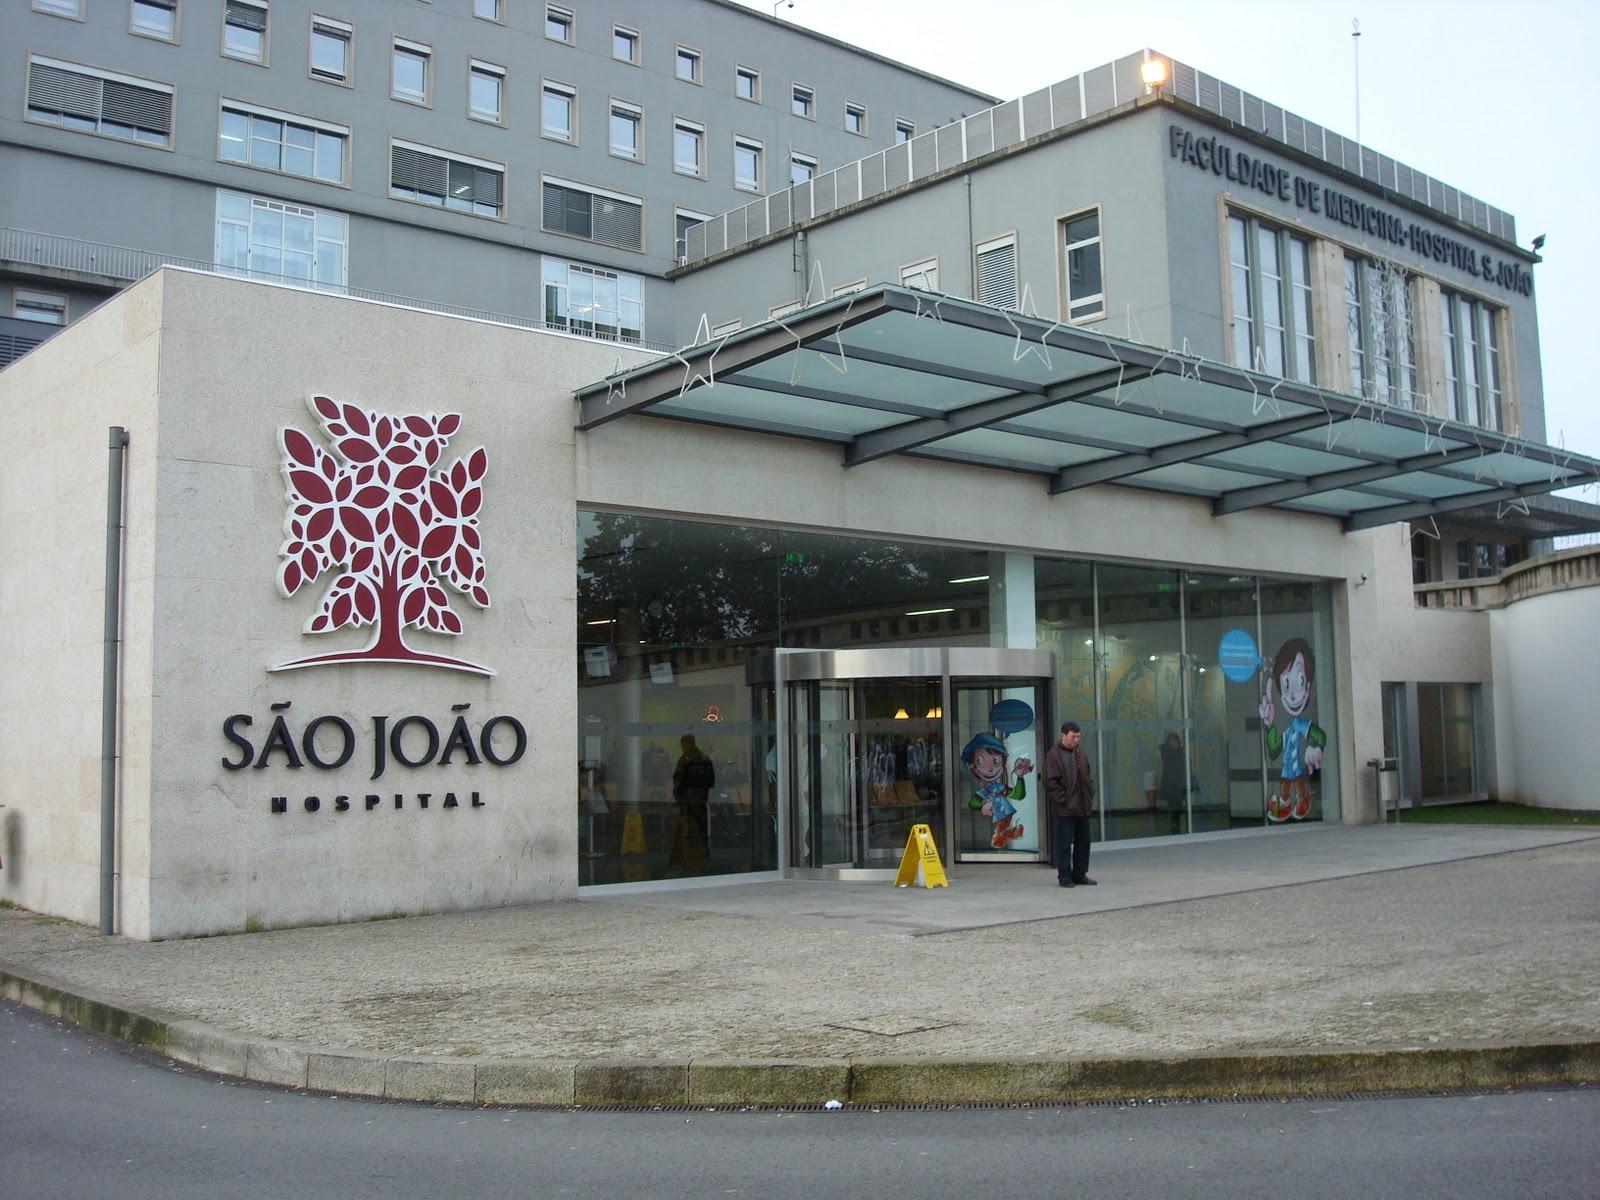 Hospital de S. João autoriza terapia reiki para doentes oncológicos em ambulatório